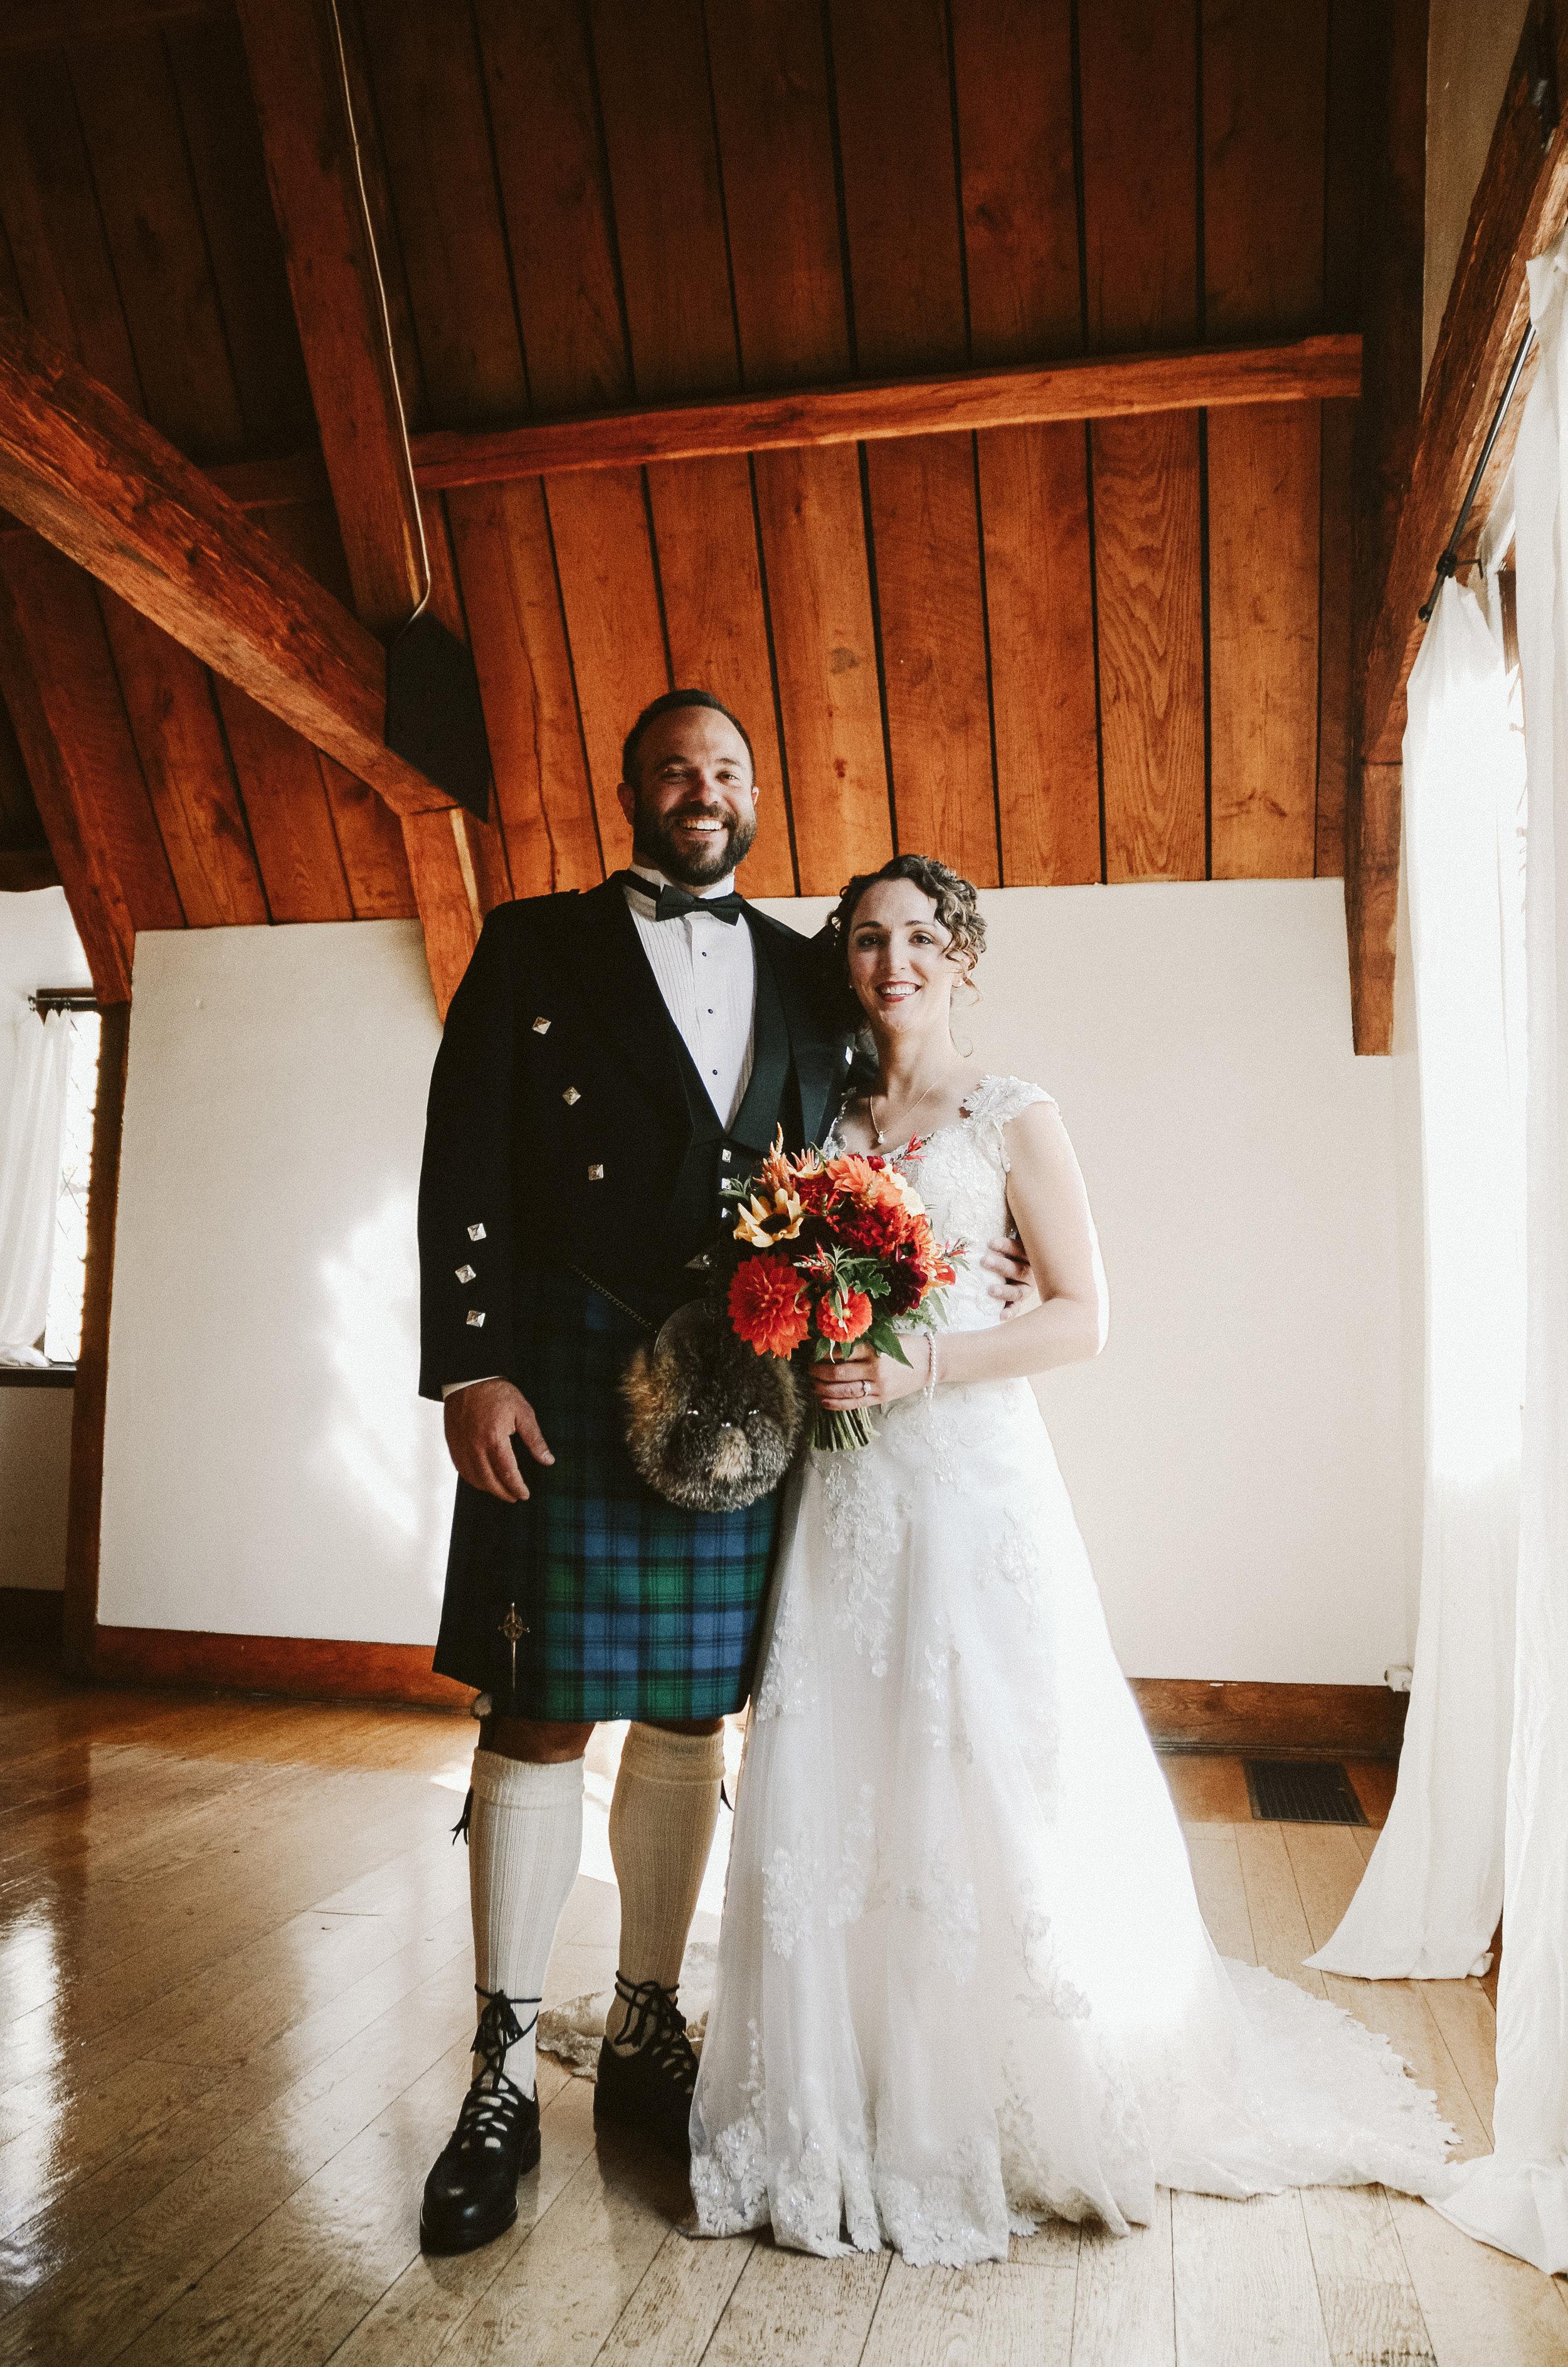 adrienne and greg's wedding 2018 edits-12.jpg